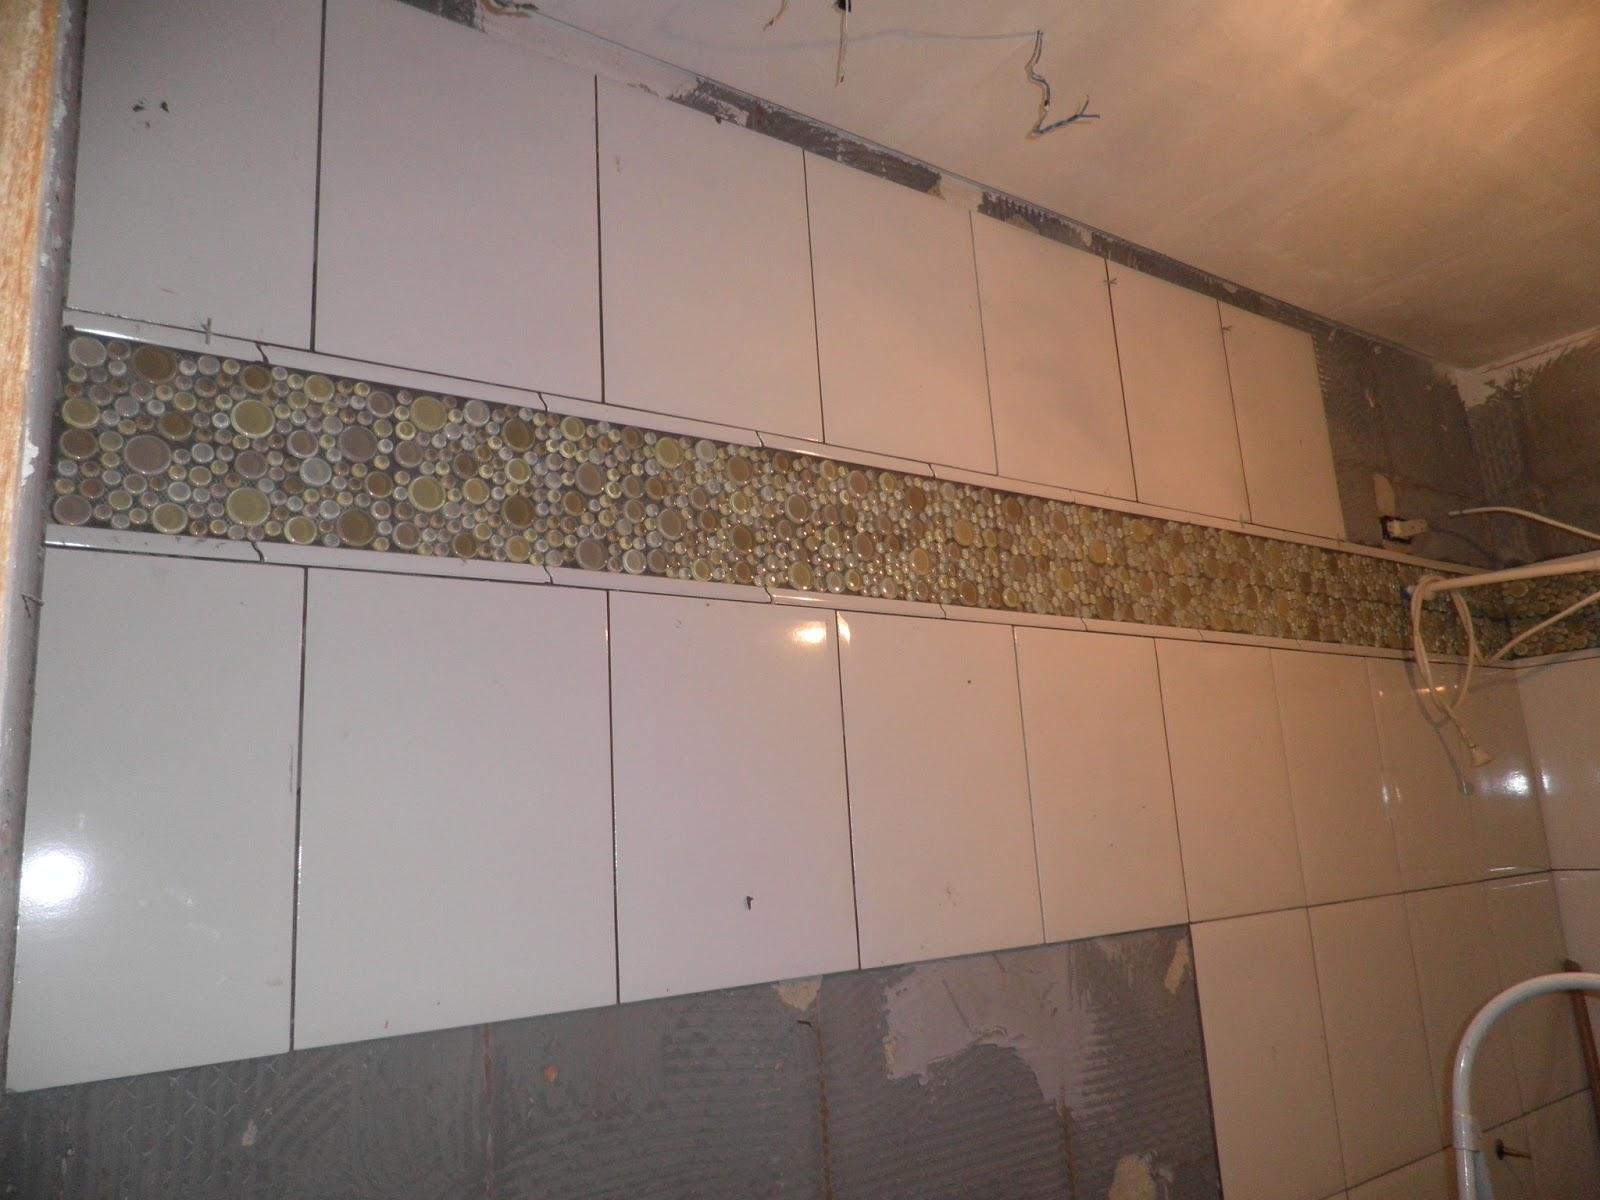 REFORMANDO A DISTANCIA: Antes e Depois: O Banheiro #8E623D 1600 1200